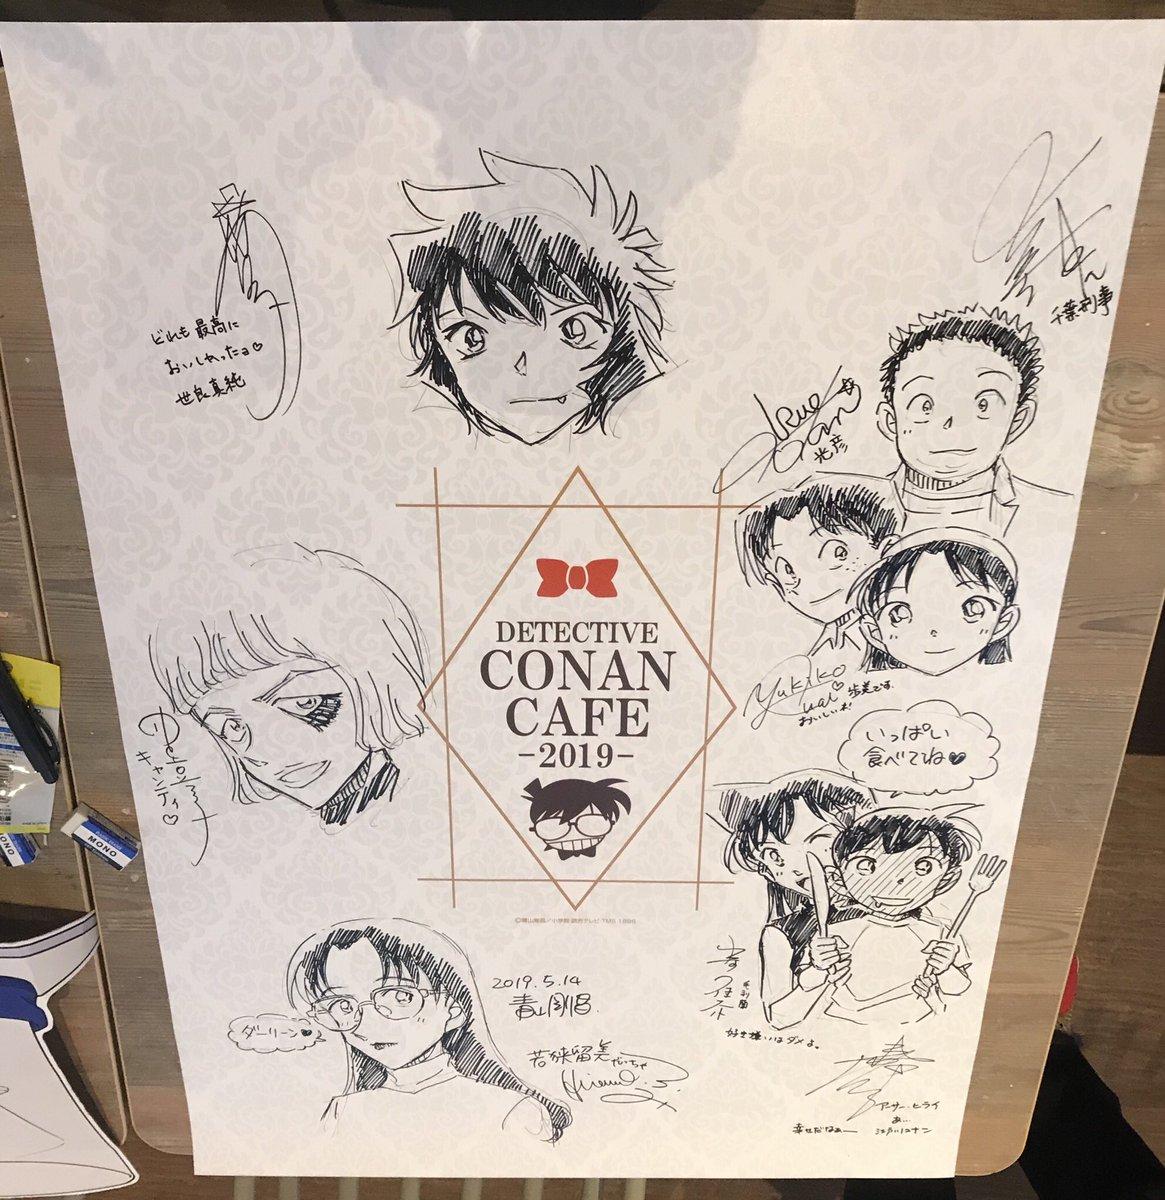 コナンカフェのポスターに青山先生が即興で警察学校組や様々なキャラを描き下ろし*\(^o^)/*明日以降は額装されて飾られている事だろう(*^^*)